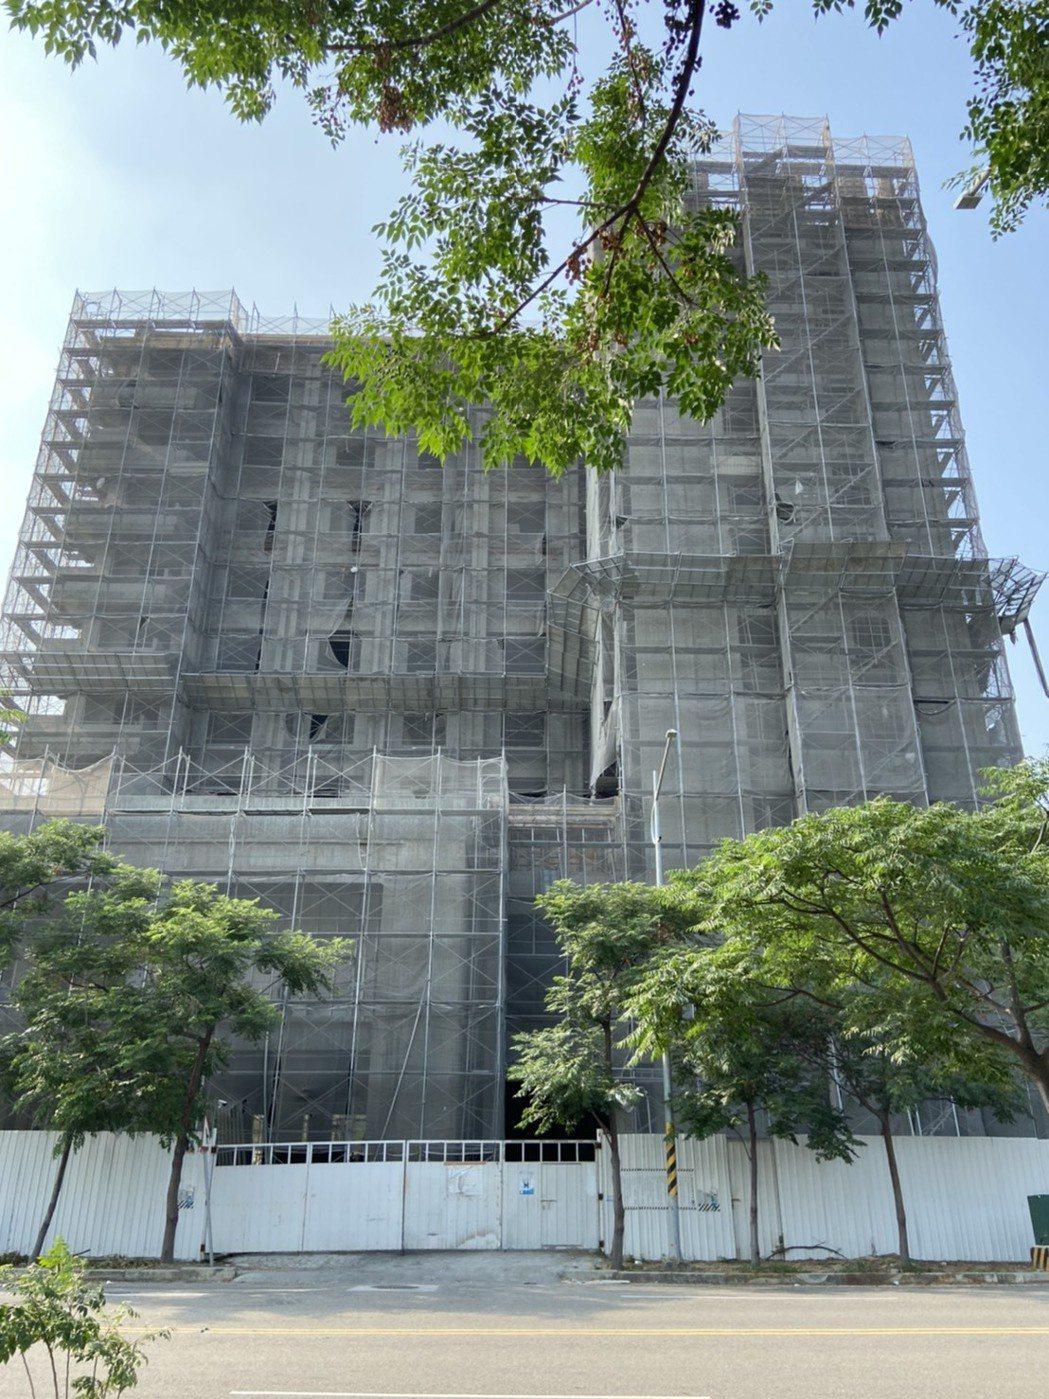 彰化高鐵特定區興建10層樓旅館,在縣內相當具規模。圖/彰化縣府提供